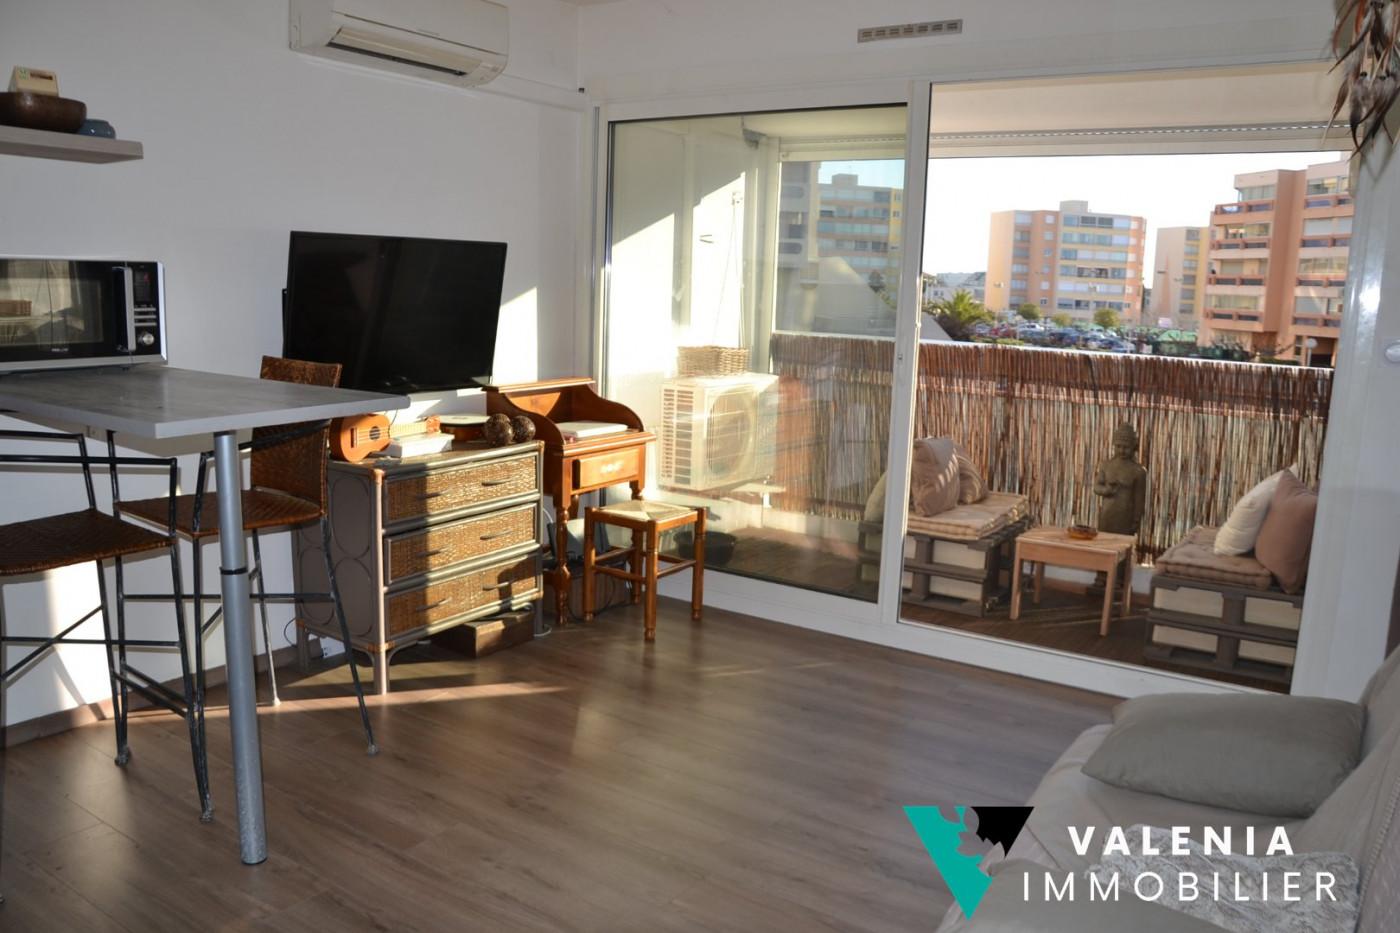 A vendre Carnon Plage (mauguio) 3453411259 Valenia immobilier